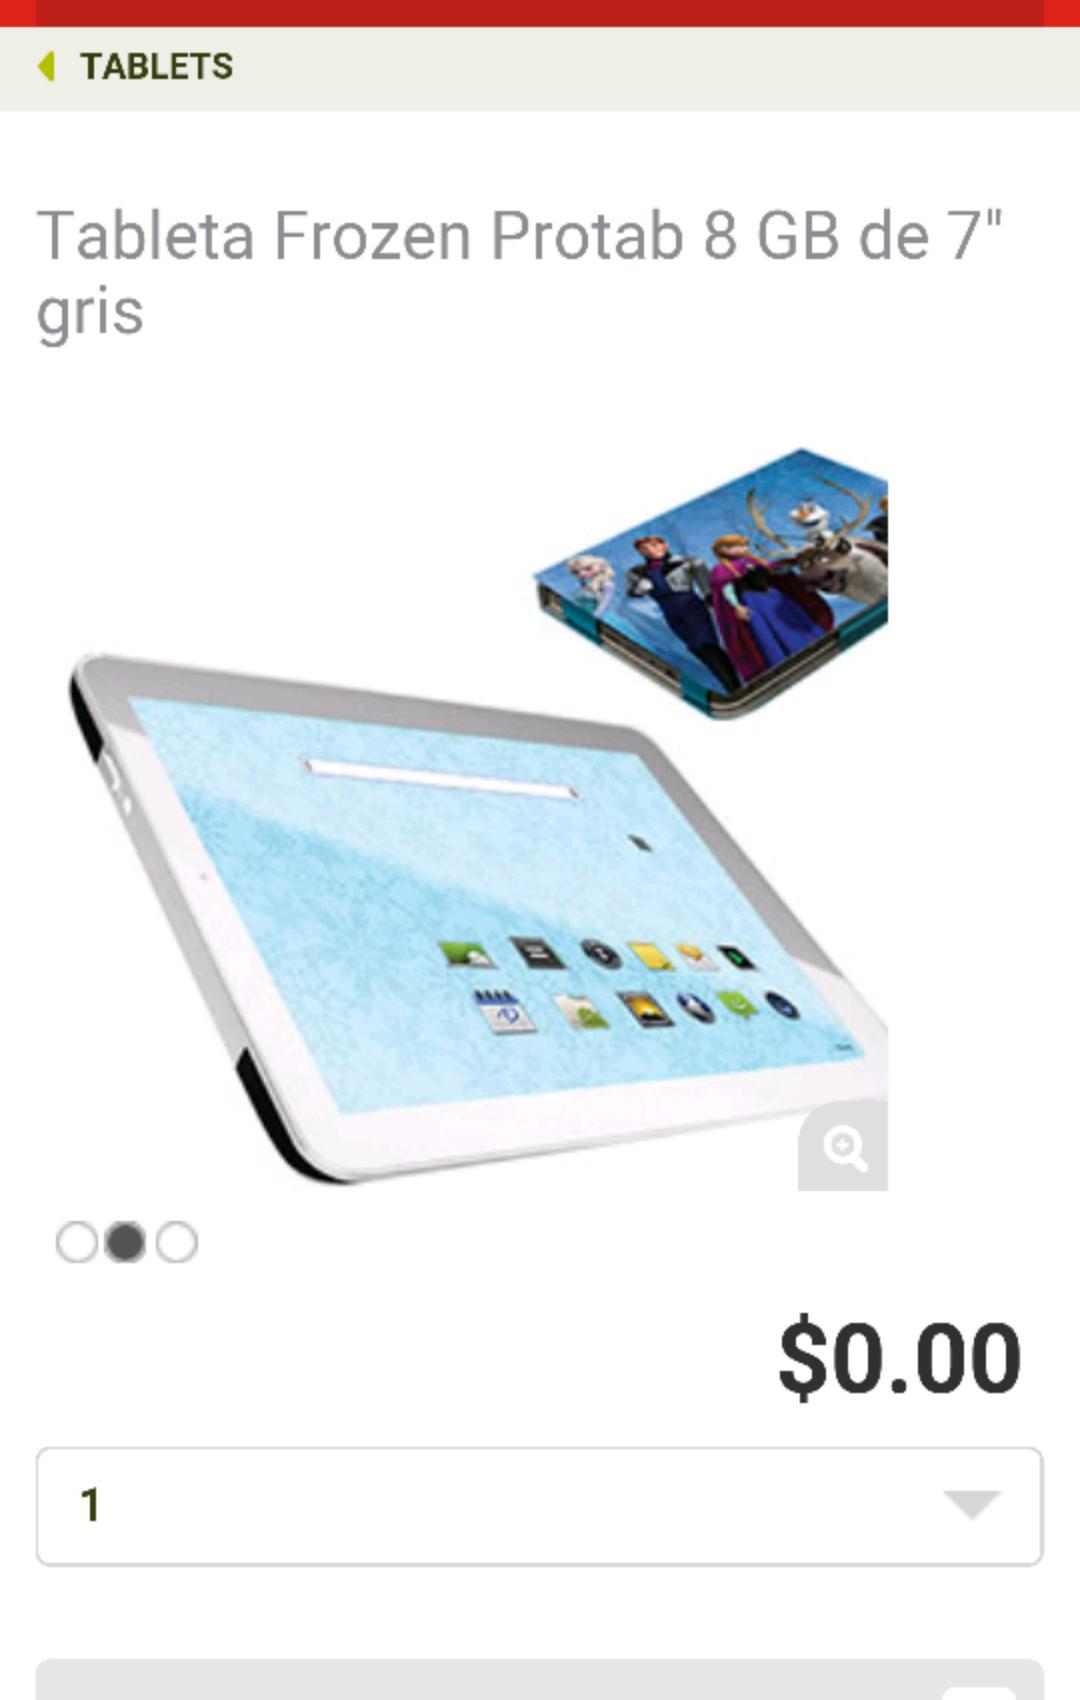 Soriana en línea: Tablet Frozen Protab 8 GB Android a $0.00 (hay que comprar $600 para el envío)